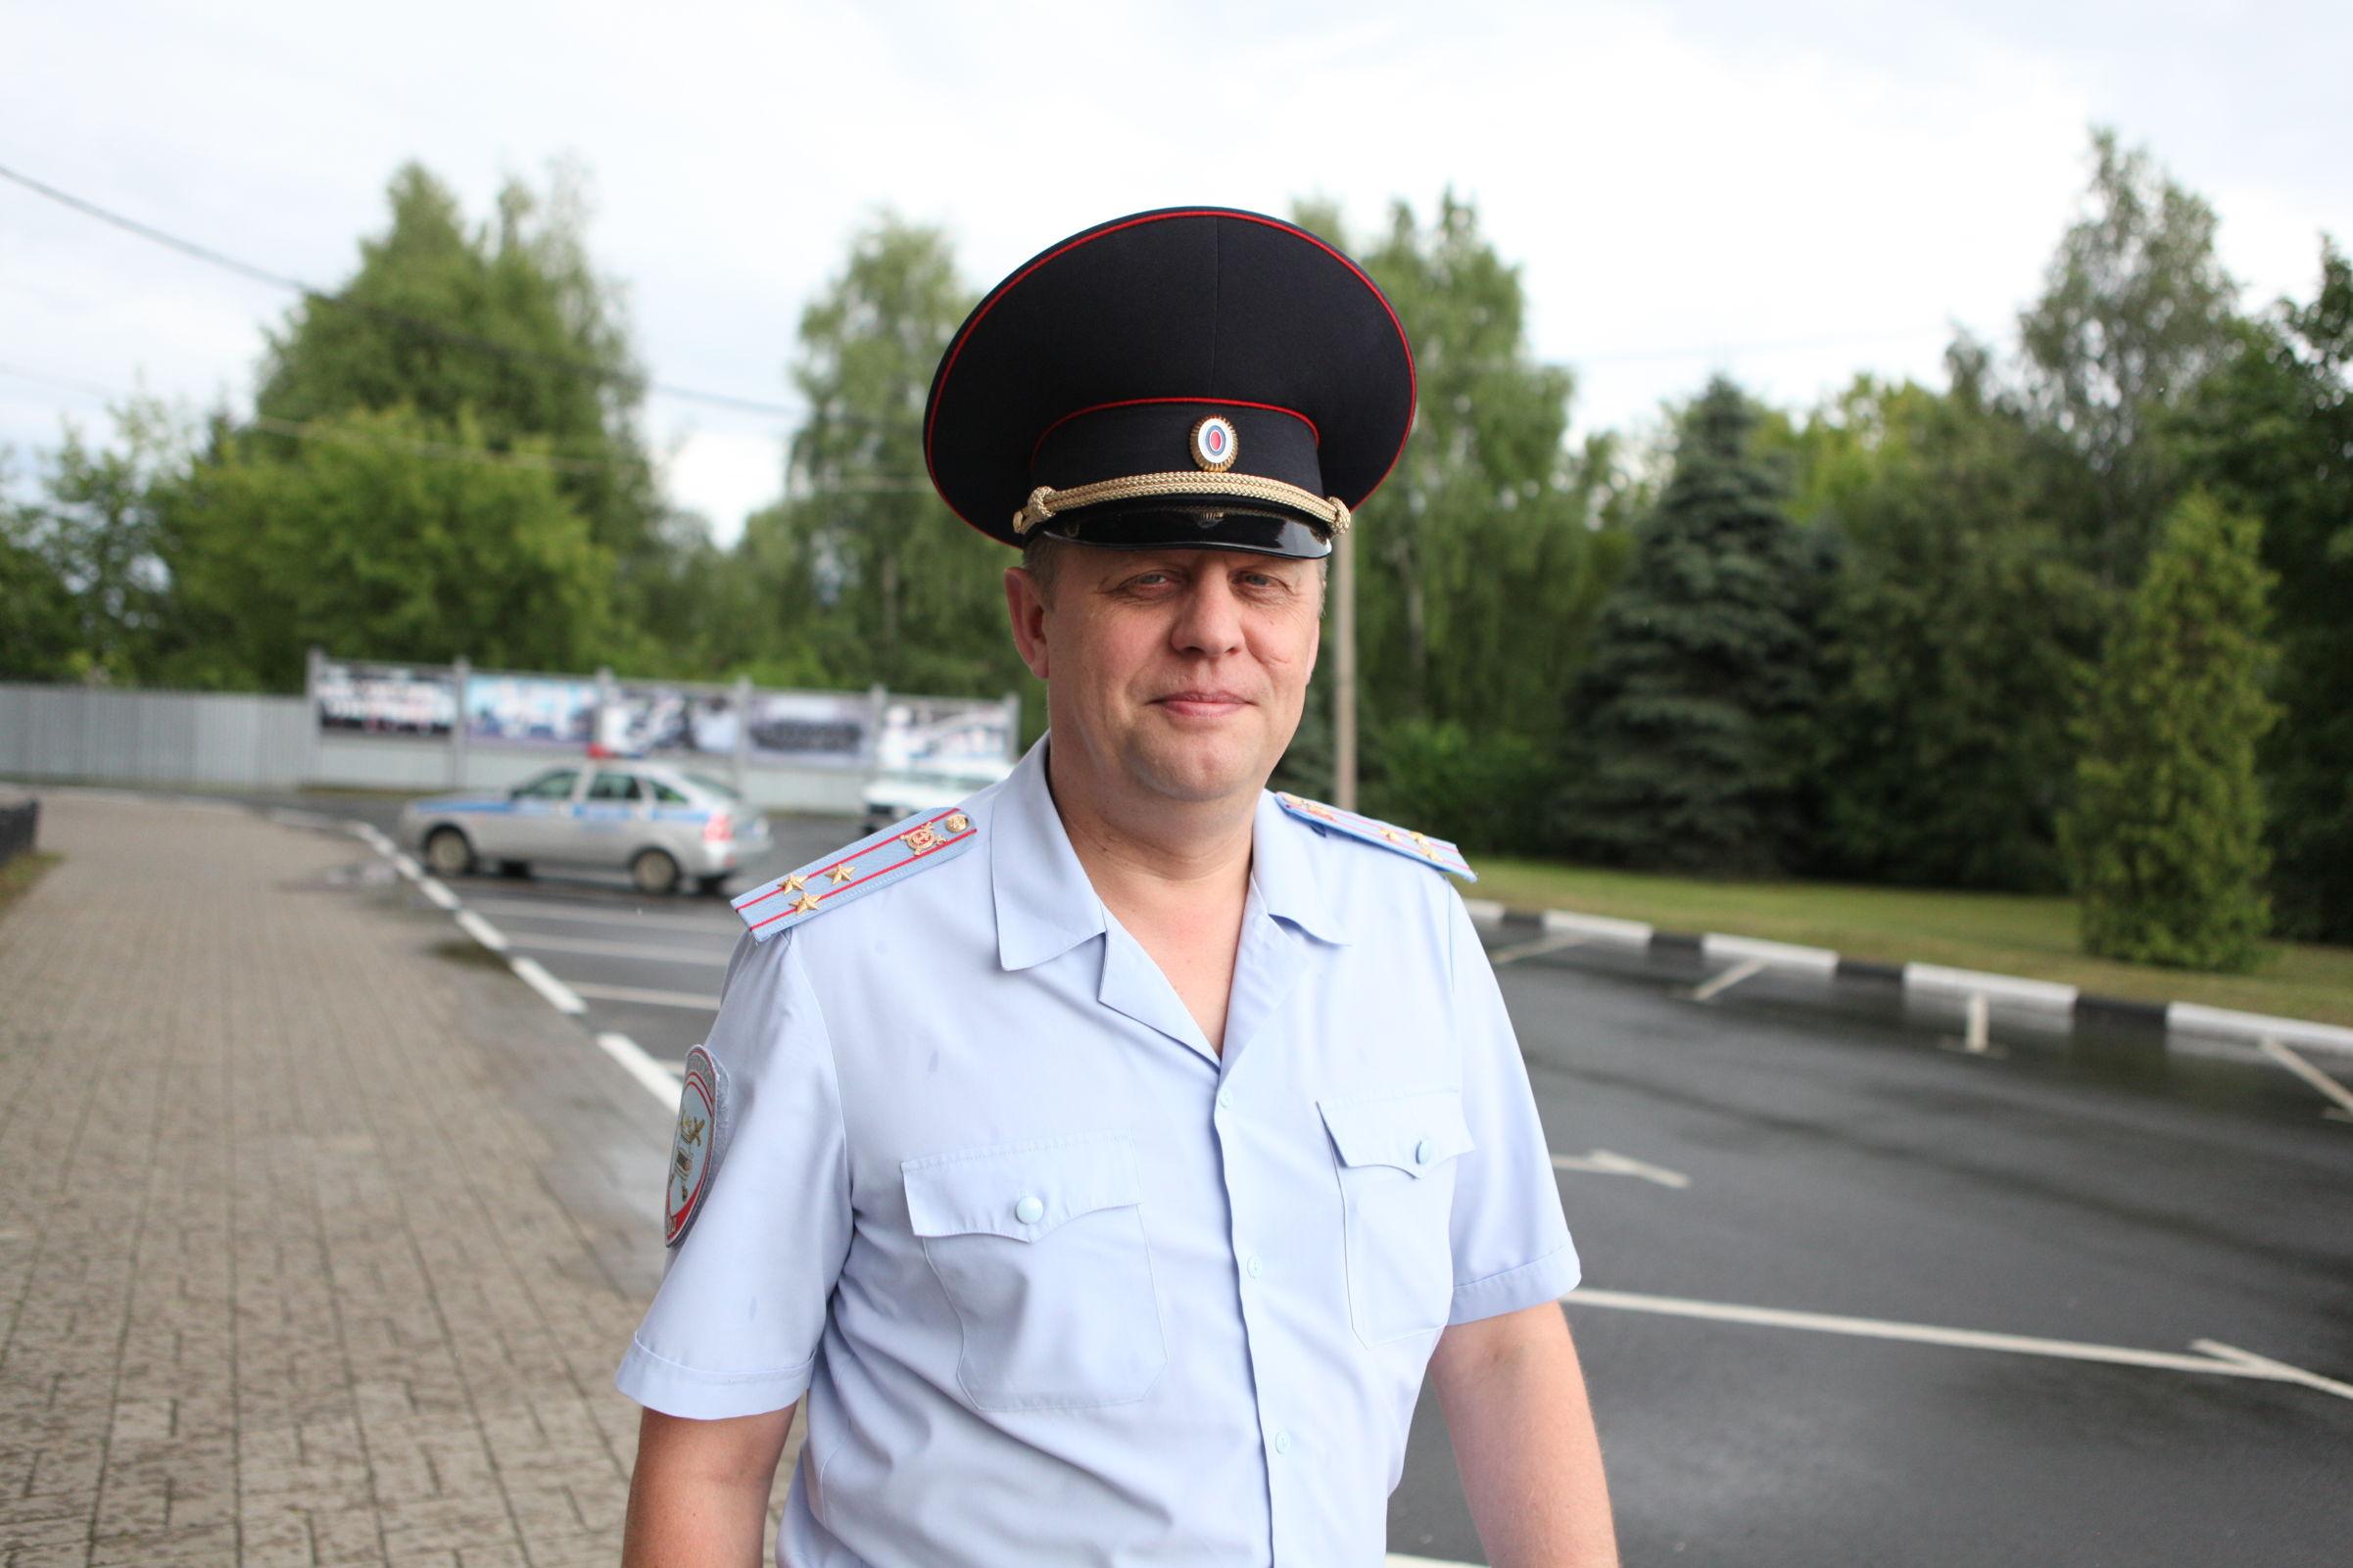 100 ДТП за четыре месяца. Главный гаишник назвал самое аварийное место в Ярославле